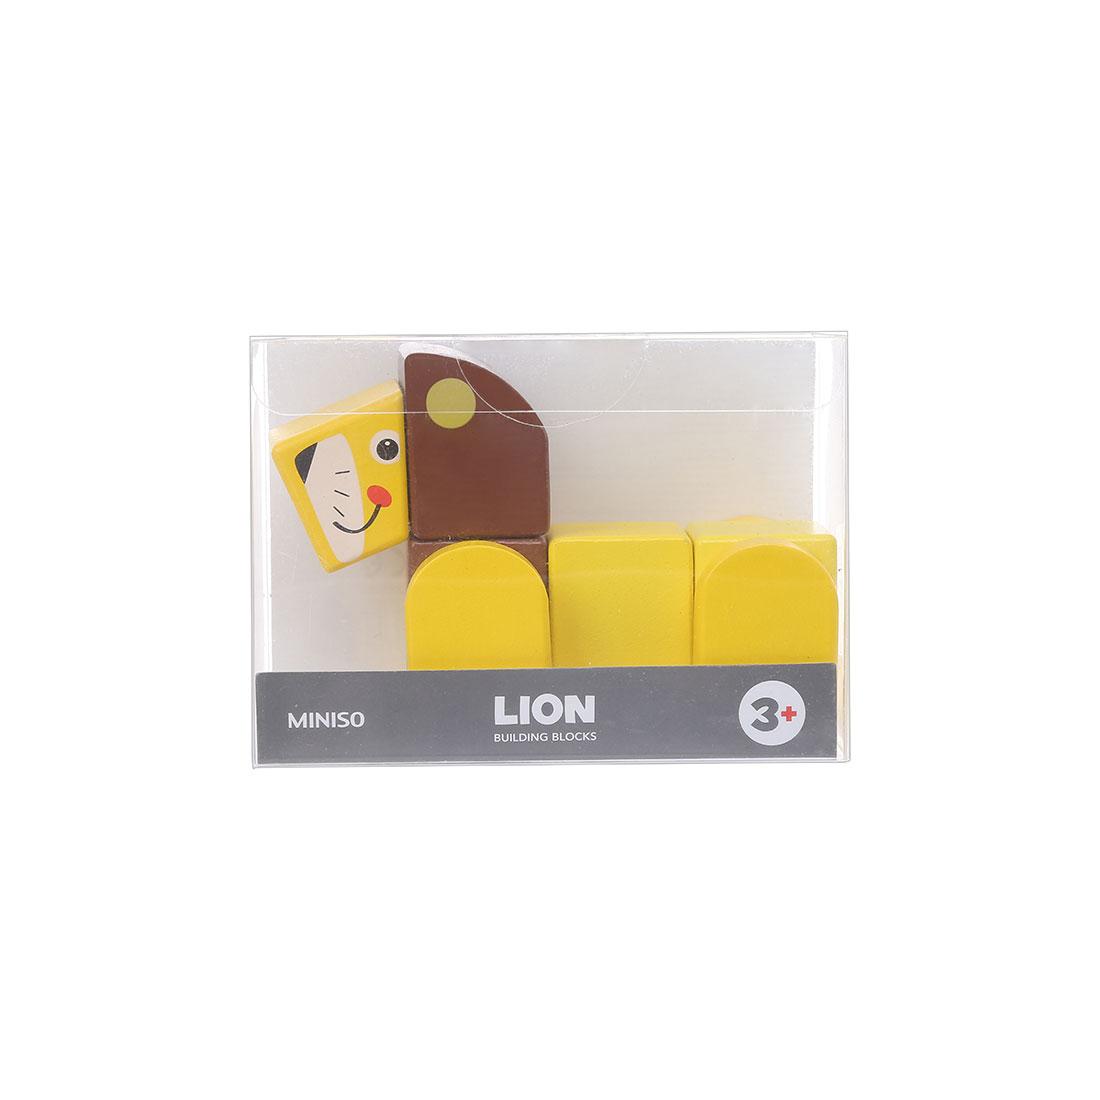 Đồ chơi gỗ Miniso Animal - Hàng chính hãng